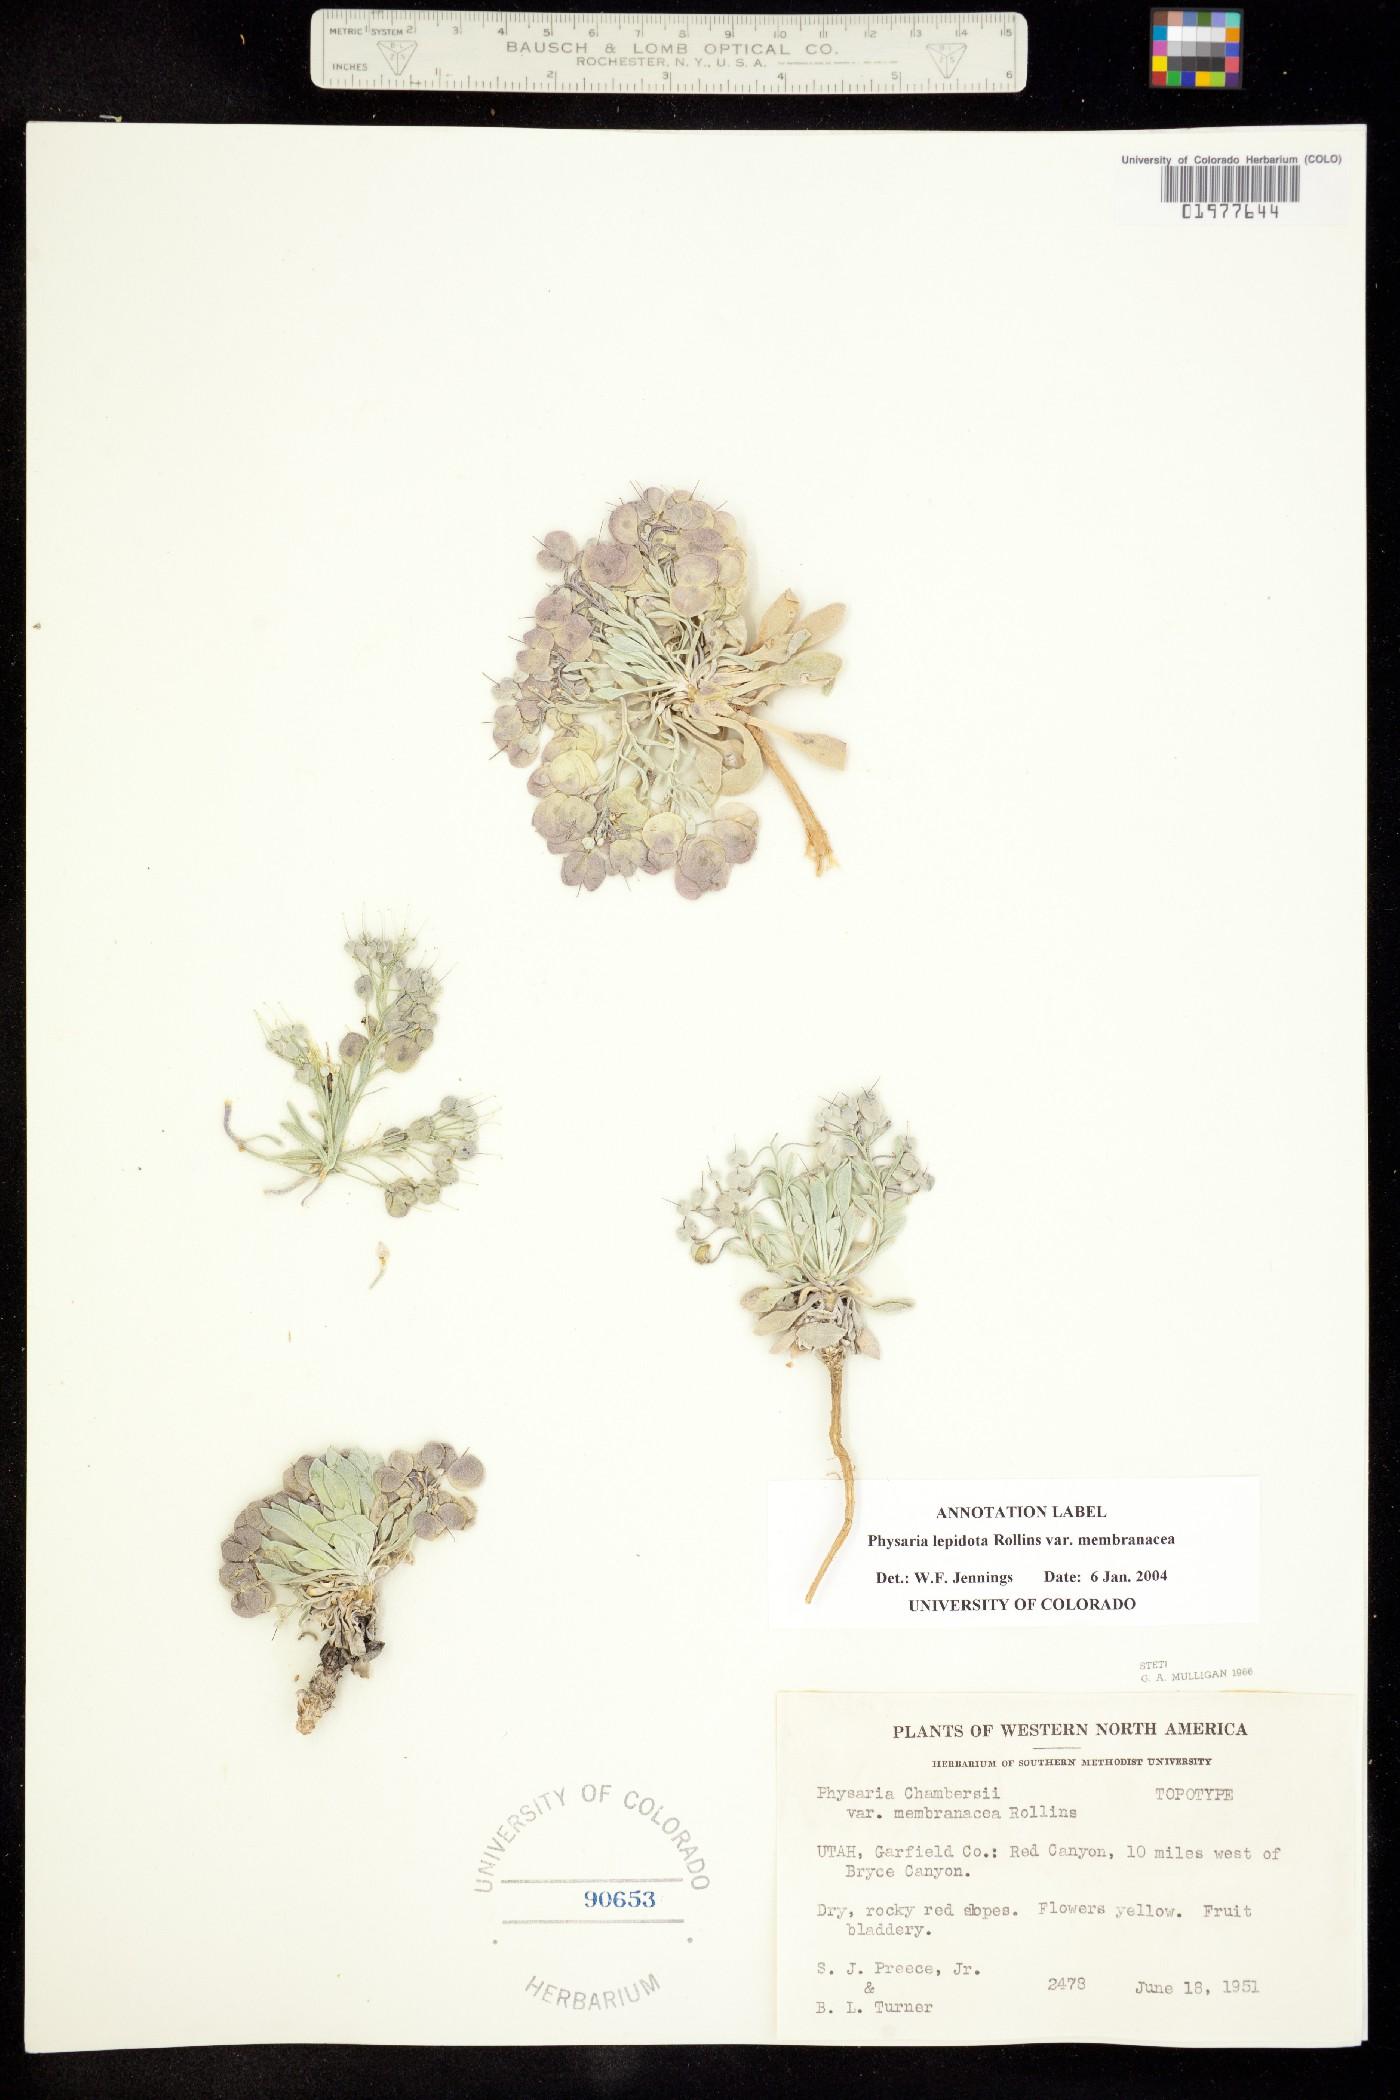 Physaria lepidota ssp. membranacea image